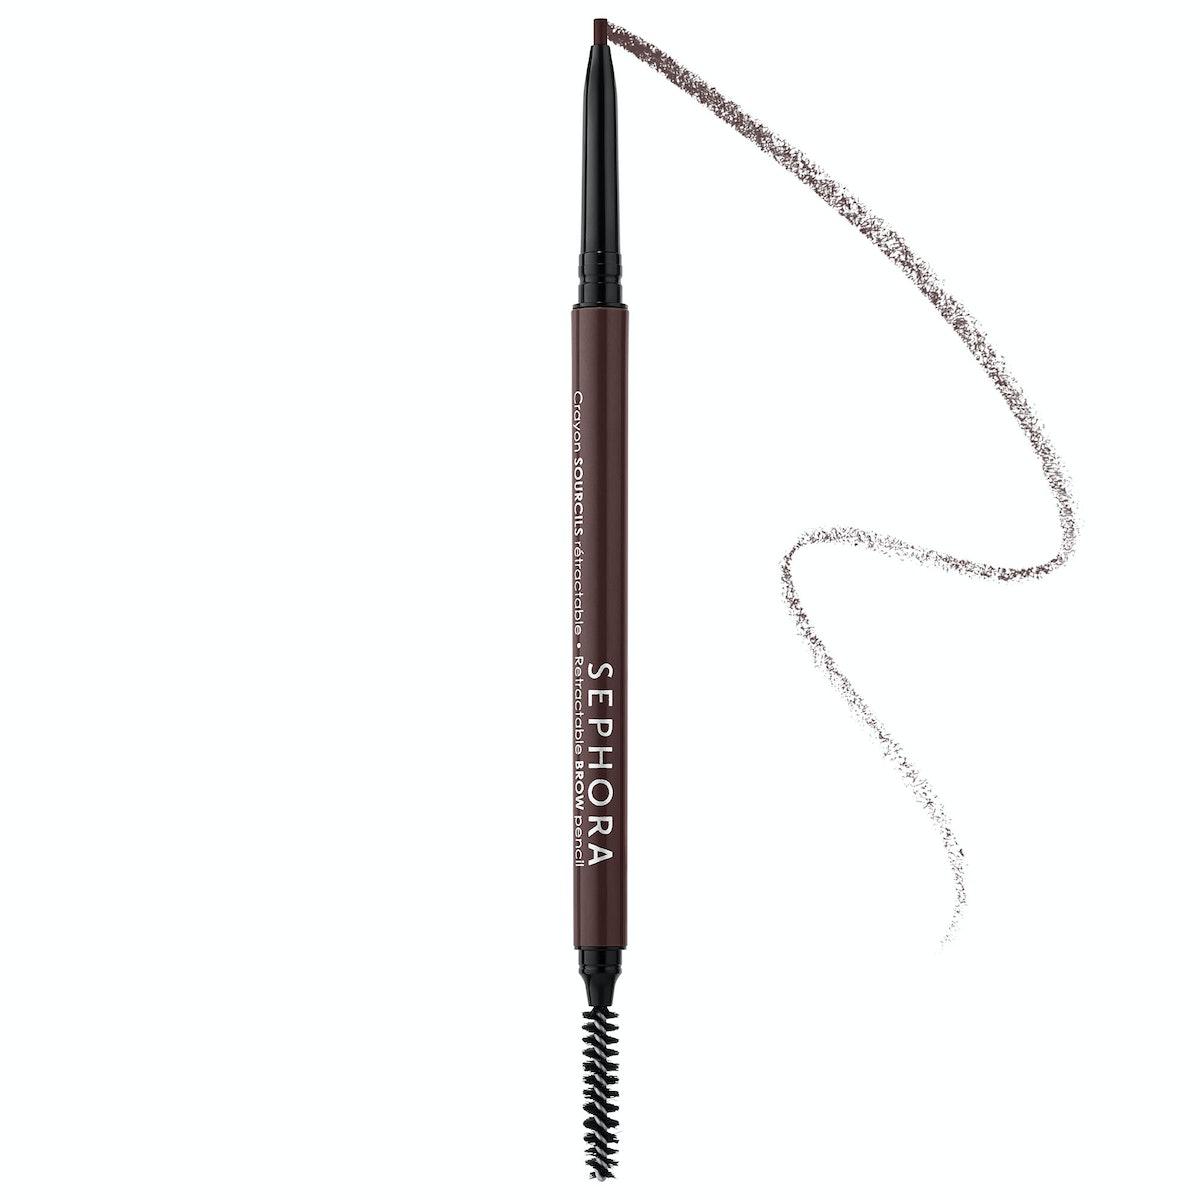 Sephora Collection Retractable Brow Pencil — Waterproof